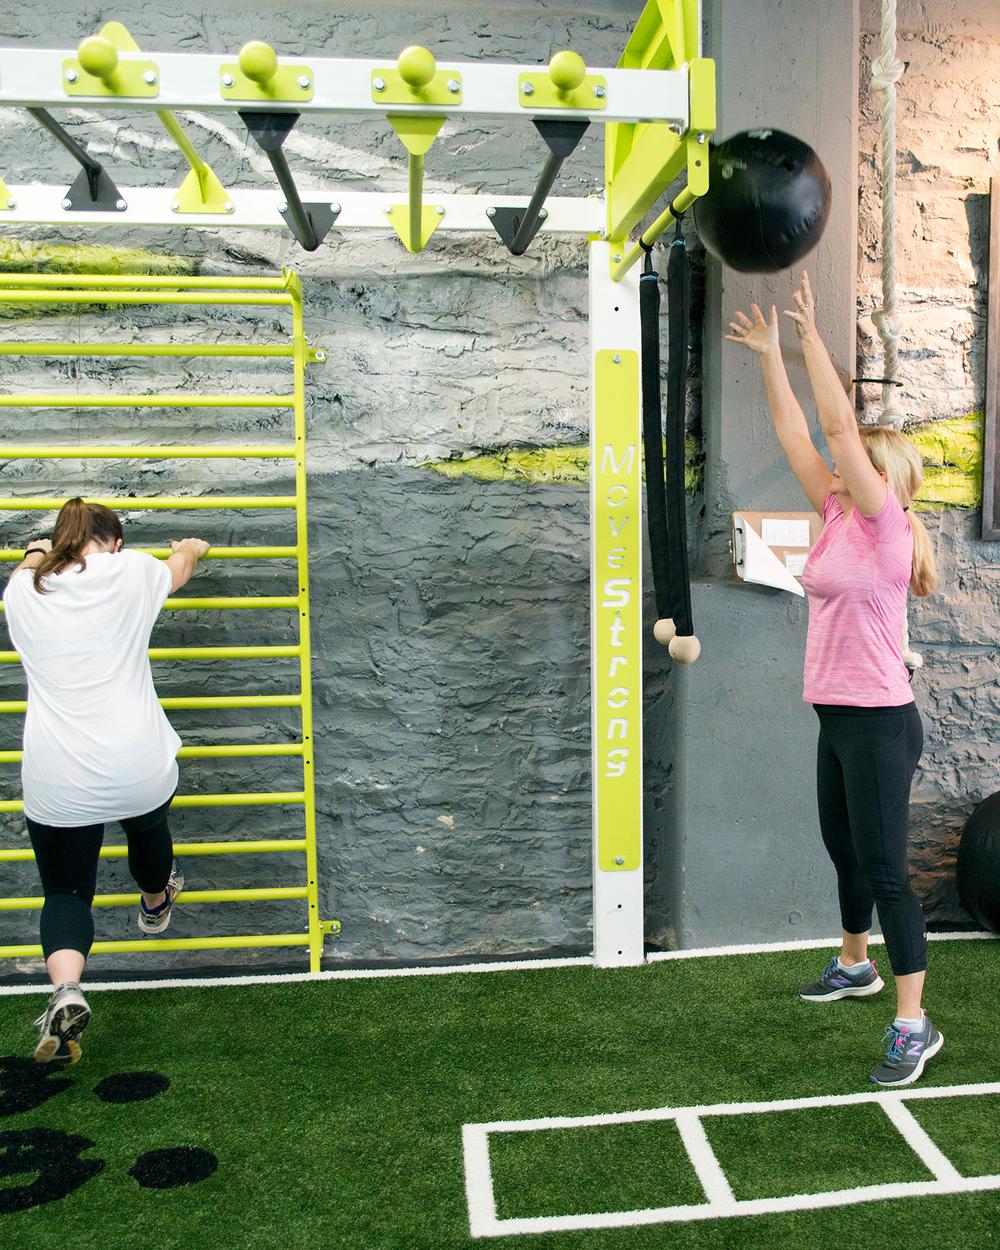 Medicine ball toss wall target